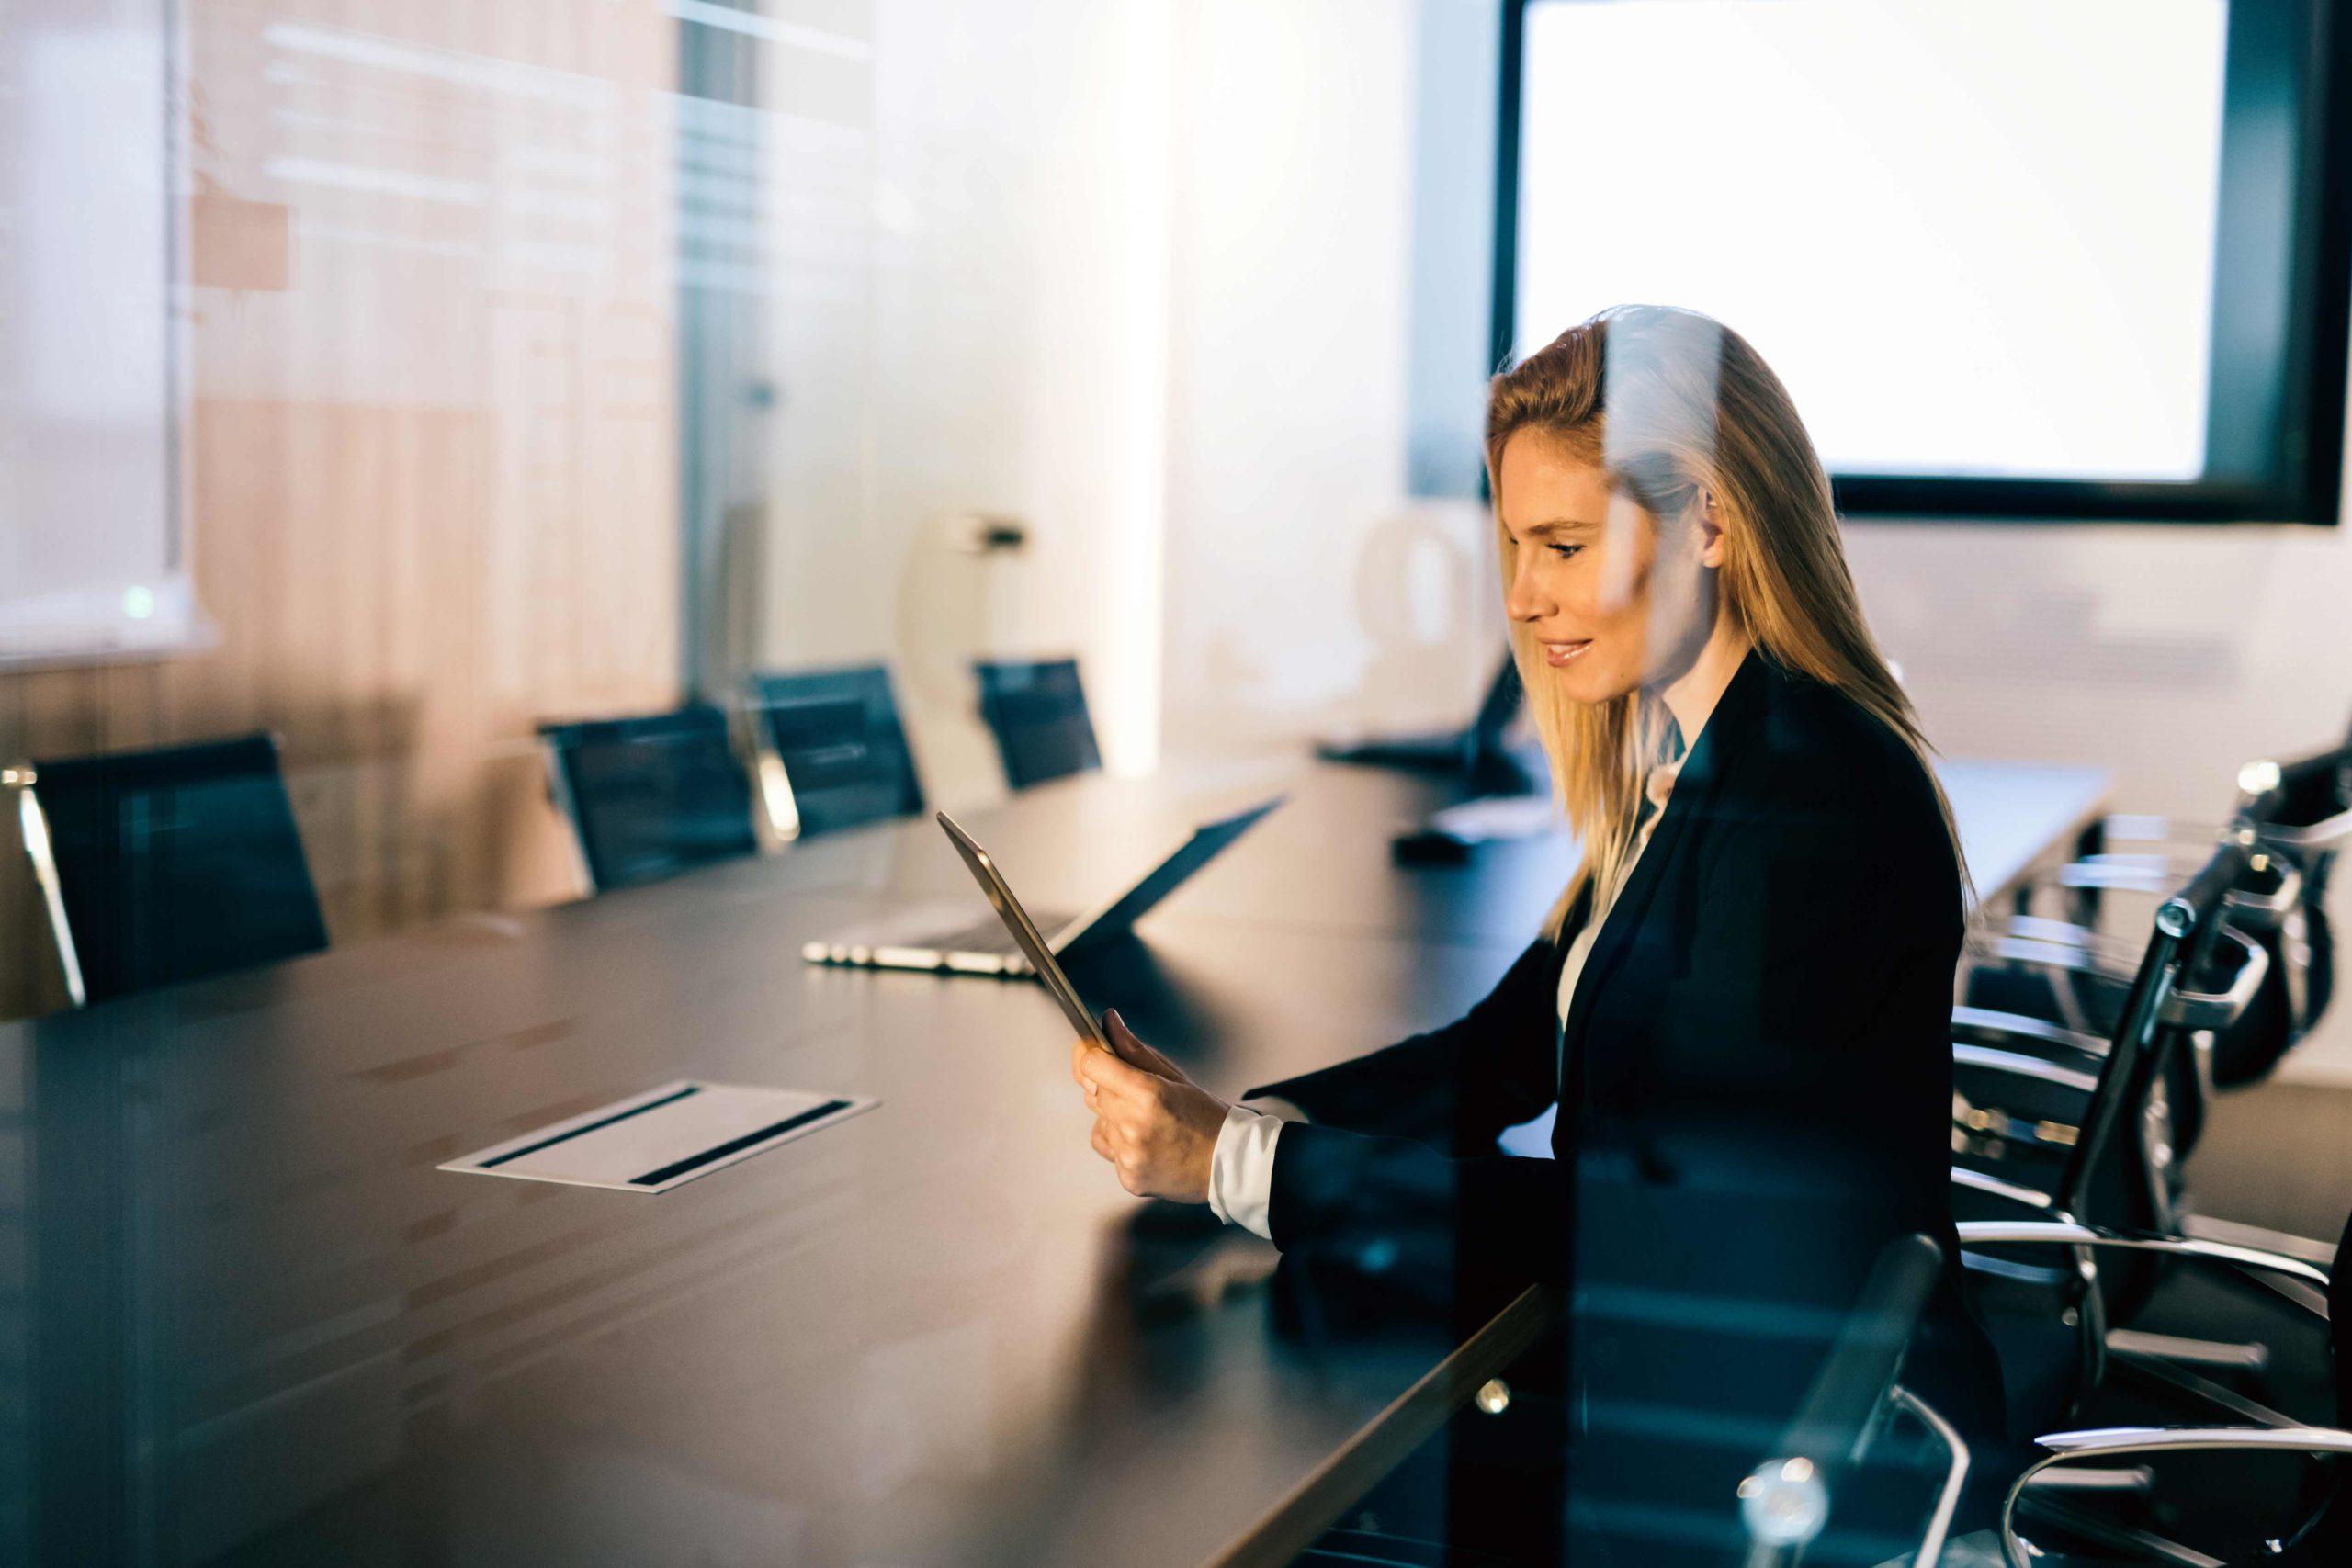 Víntegris, perteneciente a Euronovate Group, validada como prestadora para emitir certificados electrónicos cualificados por videoconferencia durante el estado de alarma